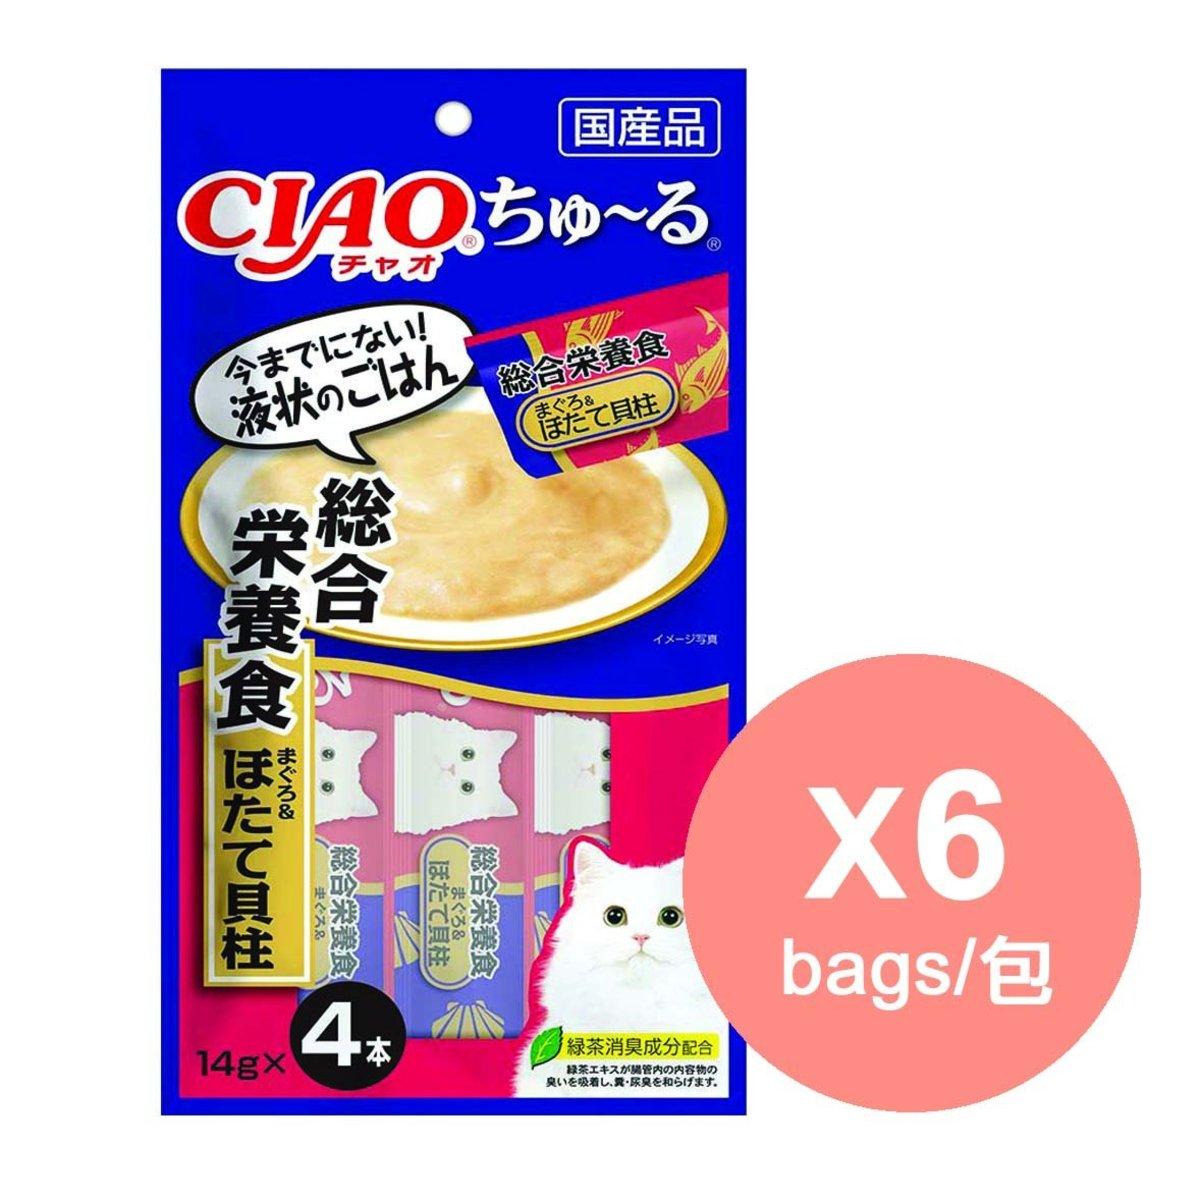 (行貨) INABA  吞拿魚+帶子醬 綜合營養食 SC-159x6